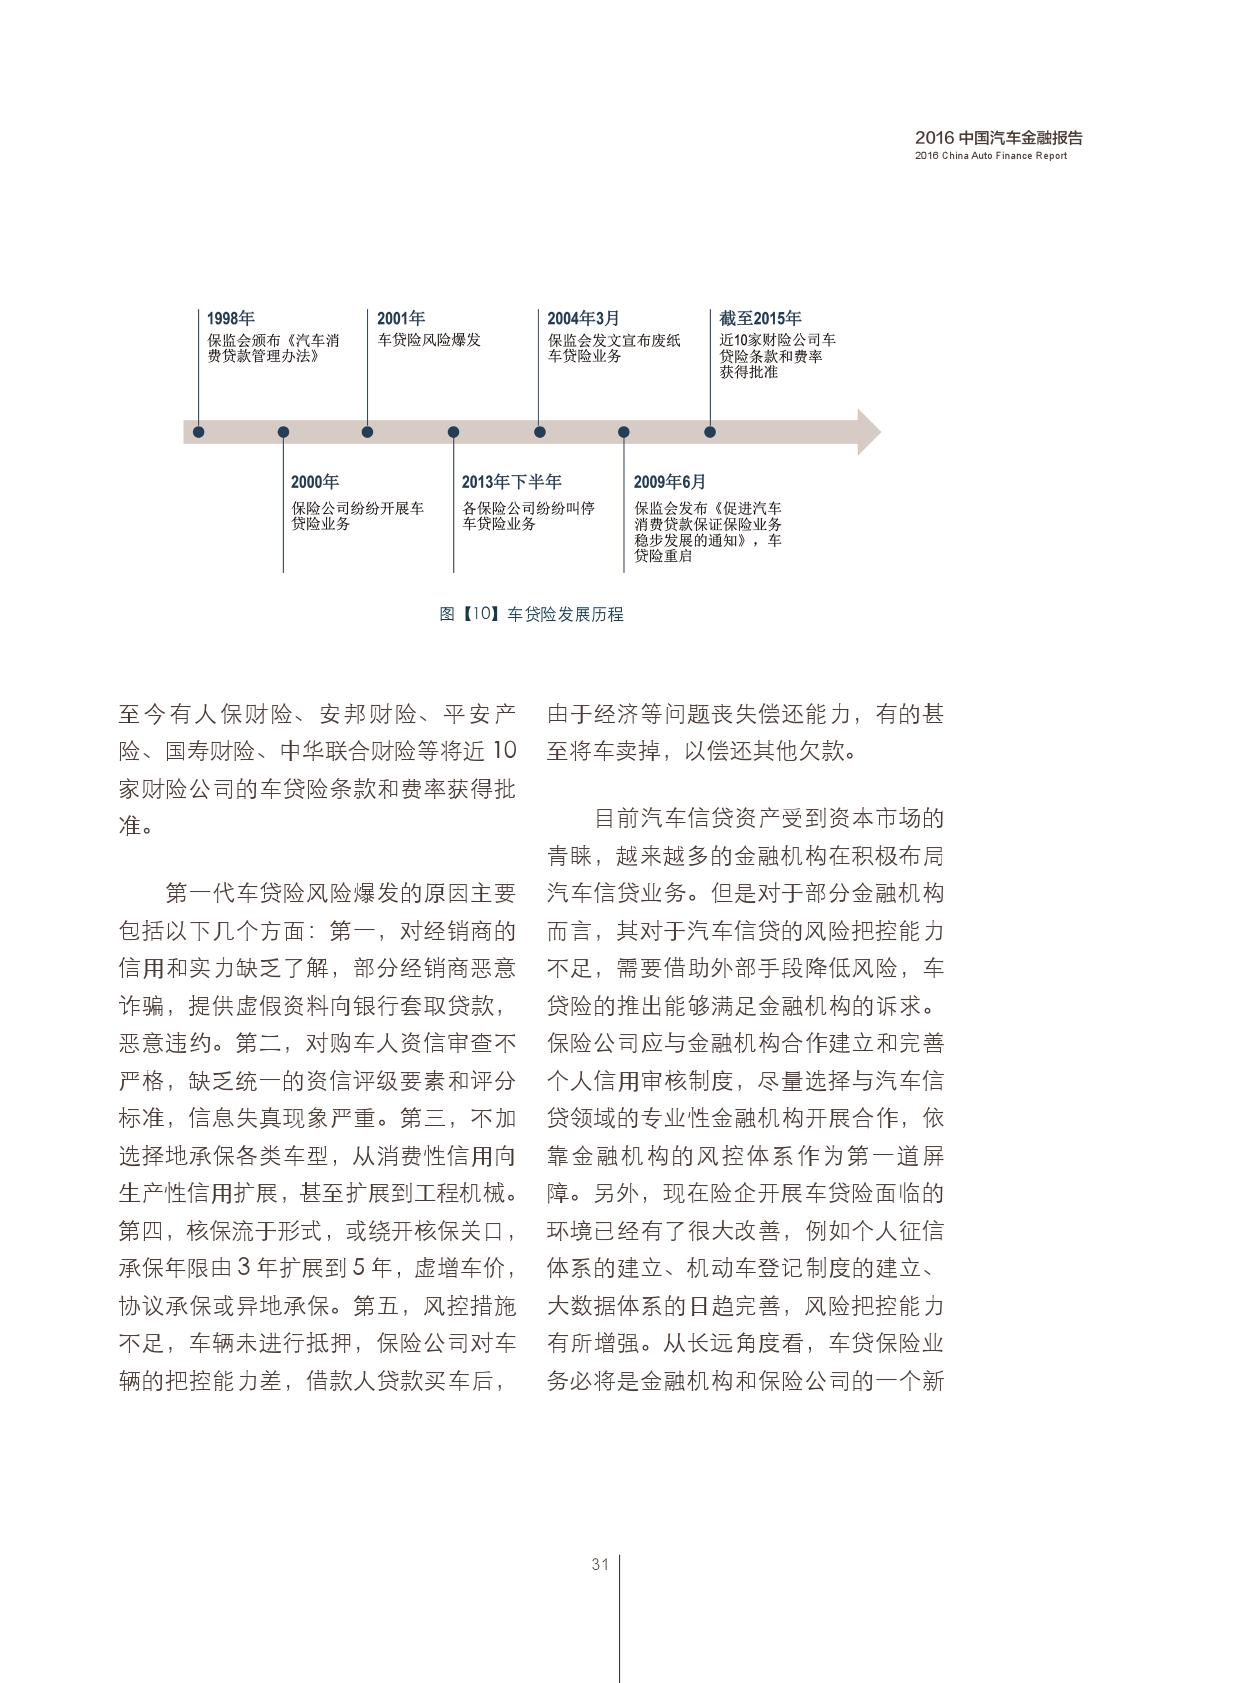 2016中国汽车金融报告_000032